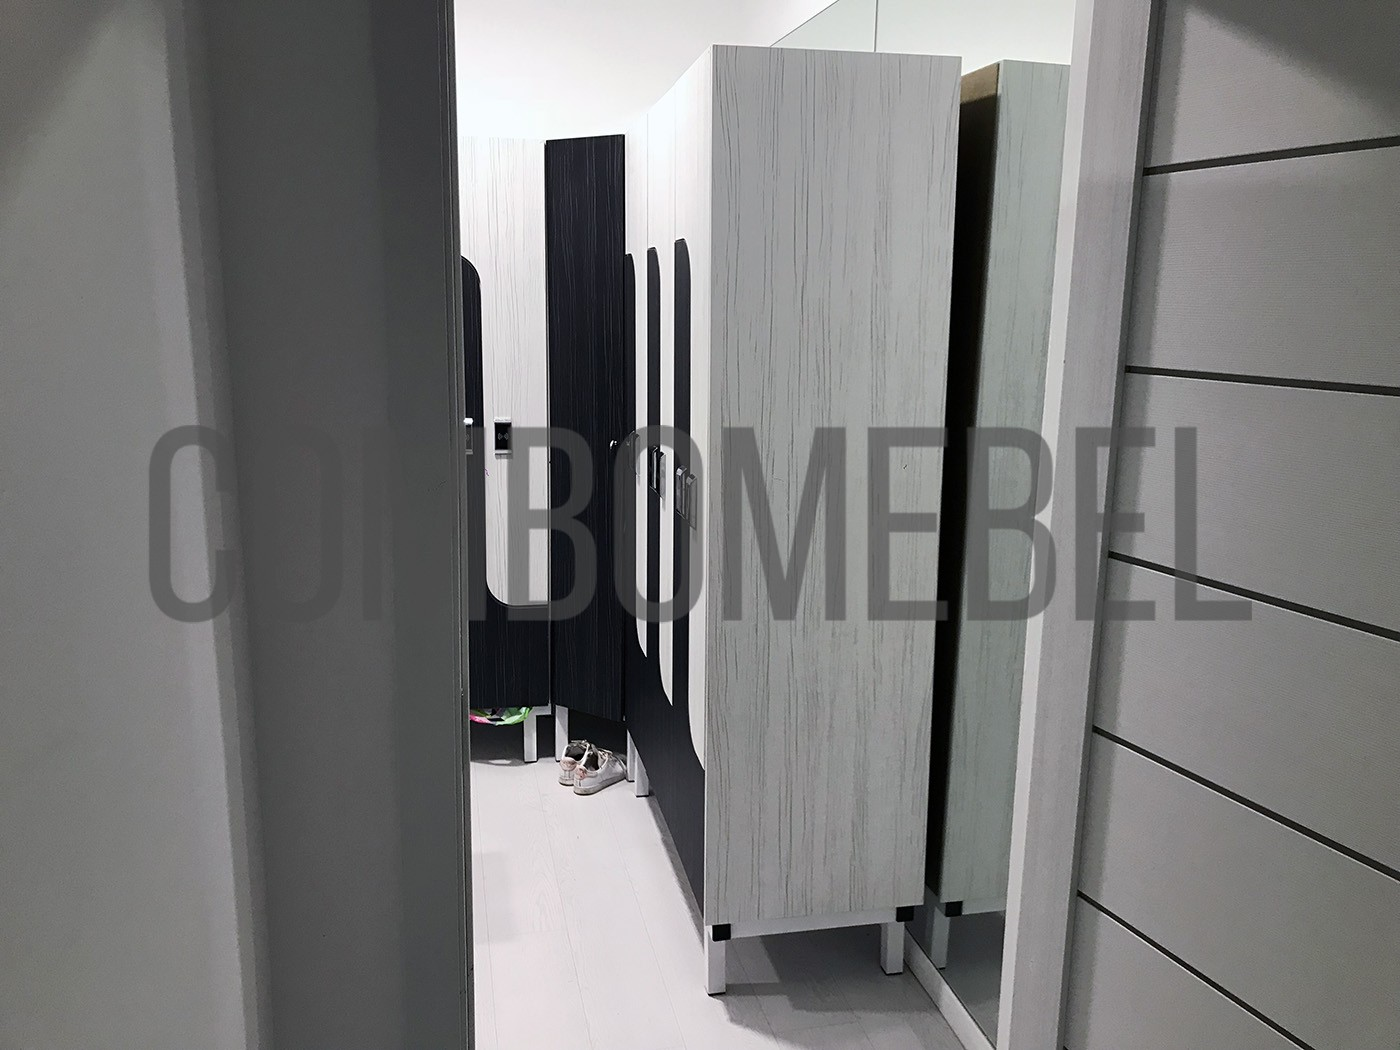 декоративная фальш-панель для раздевальных шкафов раздевалки таневальной студии в Москве